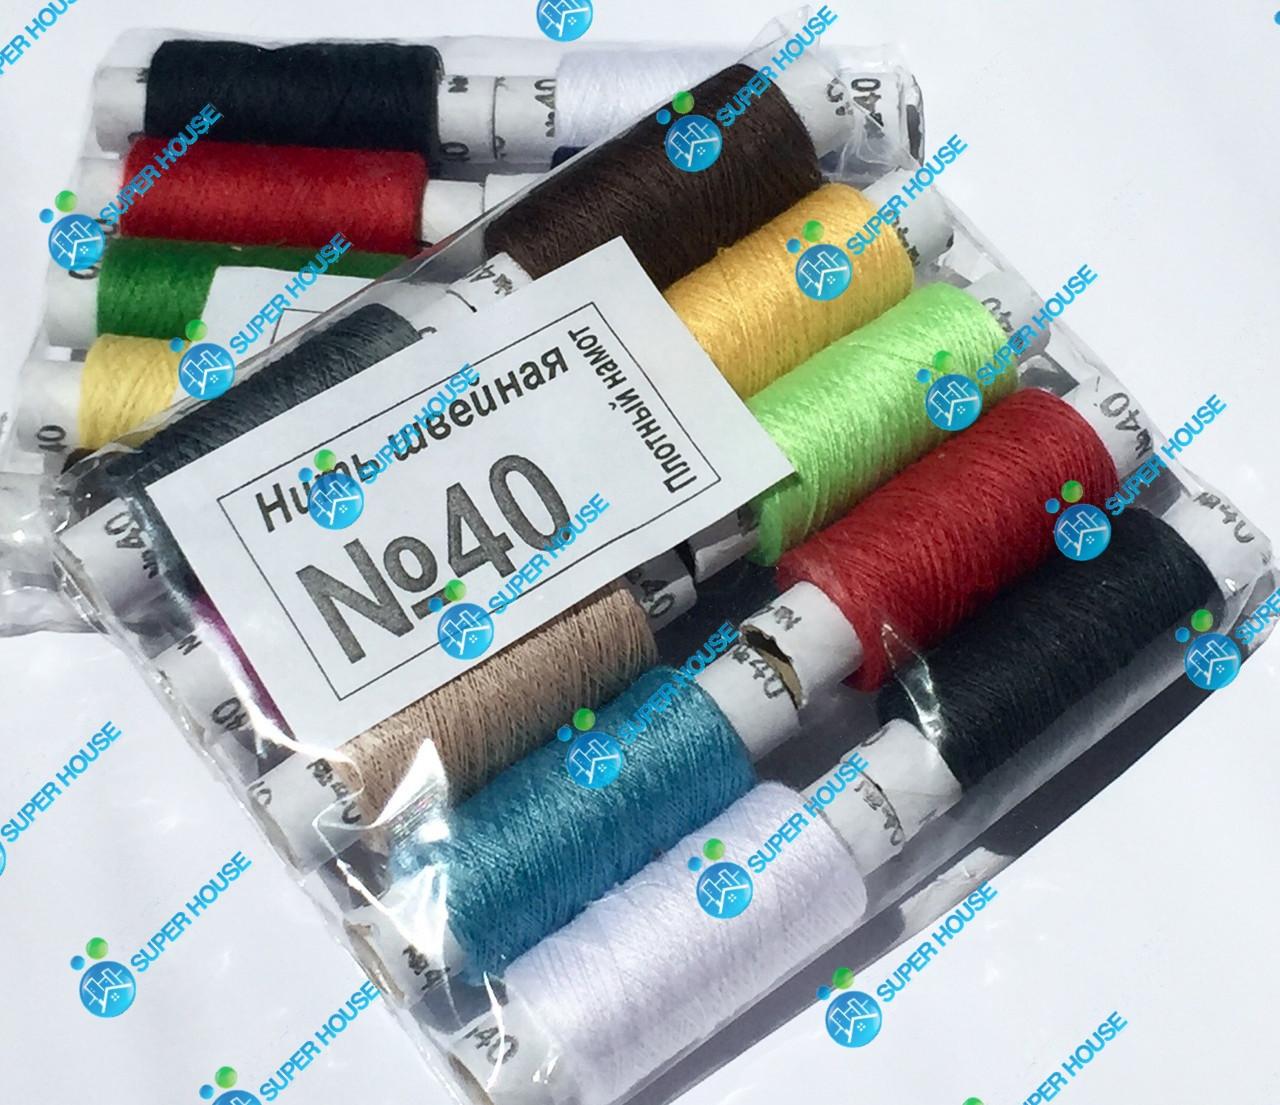 Швейная нитка №40 цветная. Полиэстер. Плотный намот 200м. 10 катушек в 1 уп.